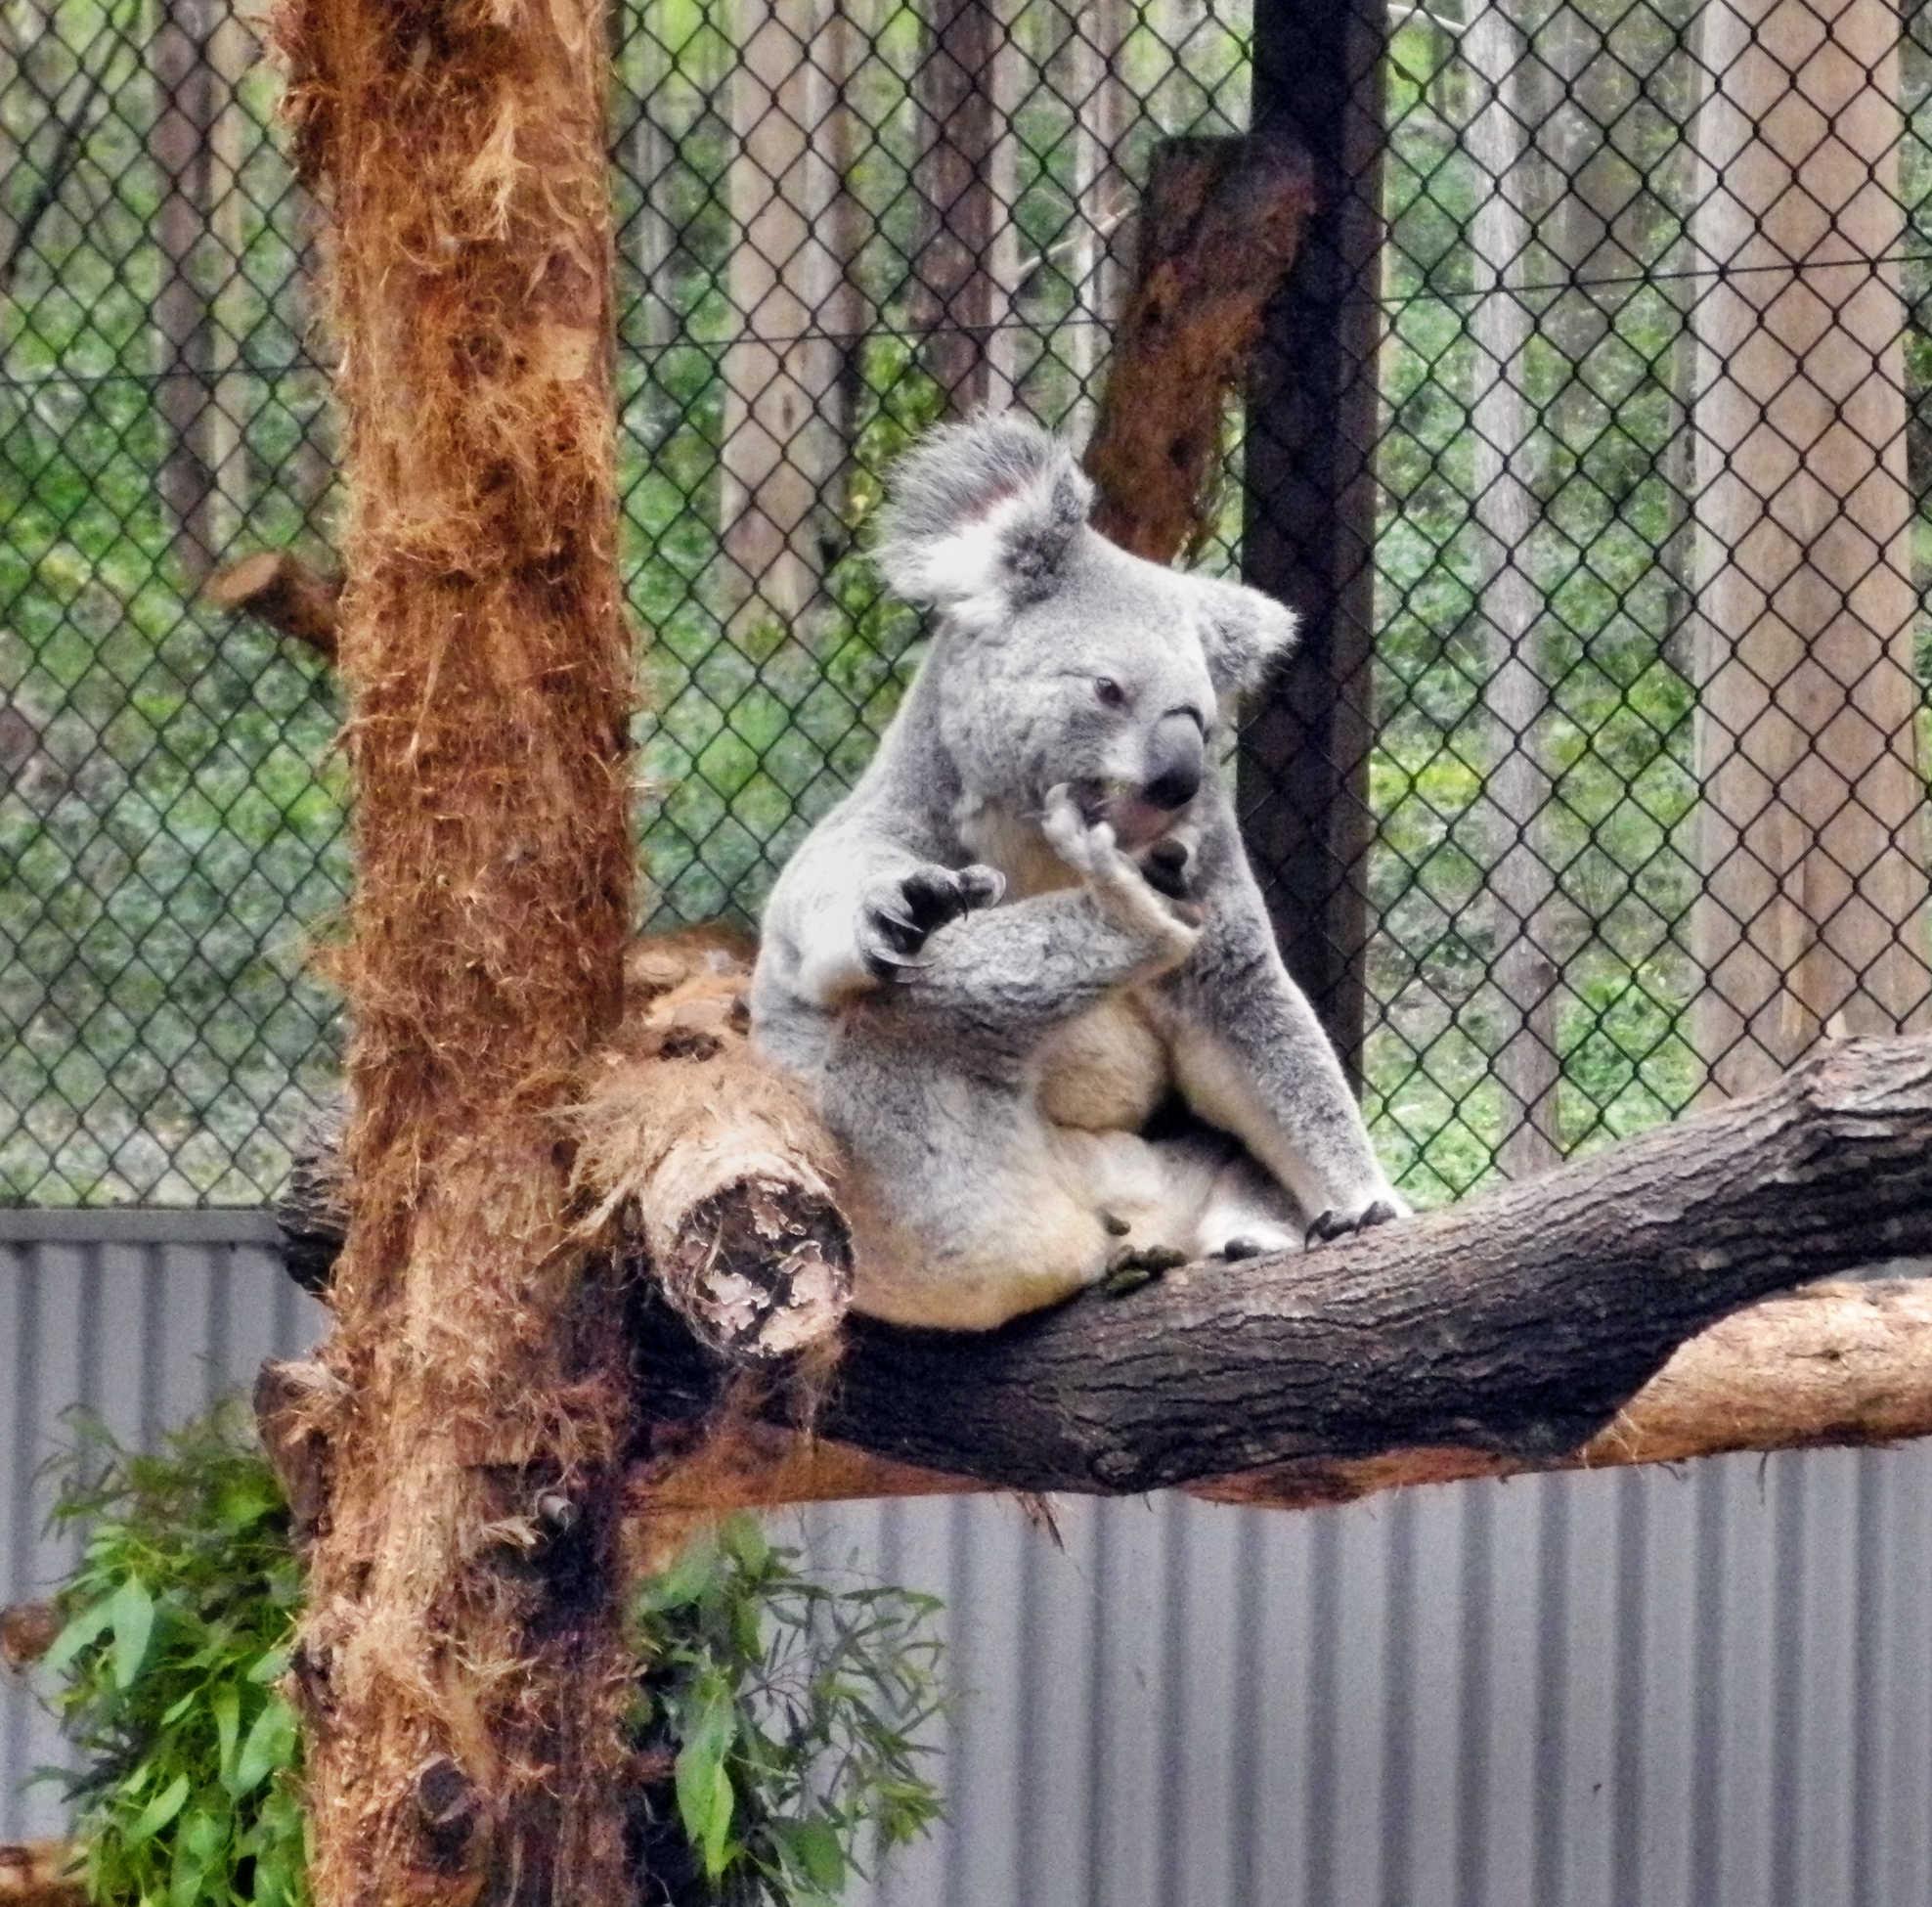 Unser erster Koalabär - aber leider nur in einer Aufzuchtsstation